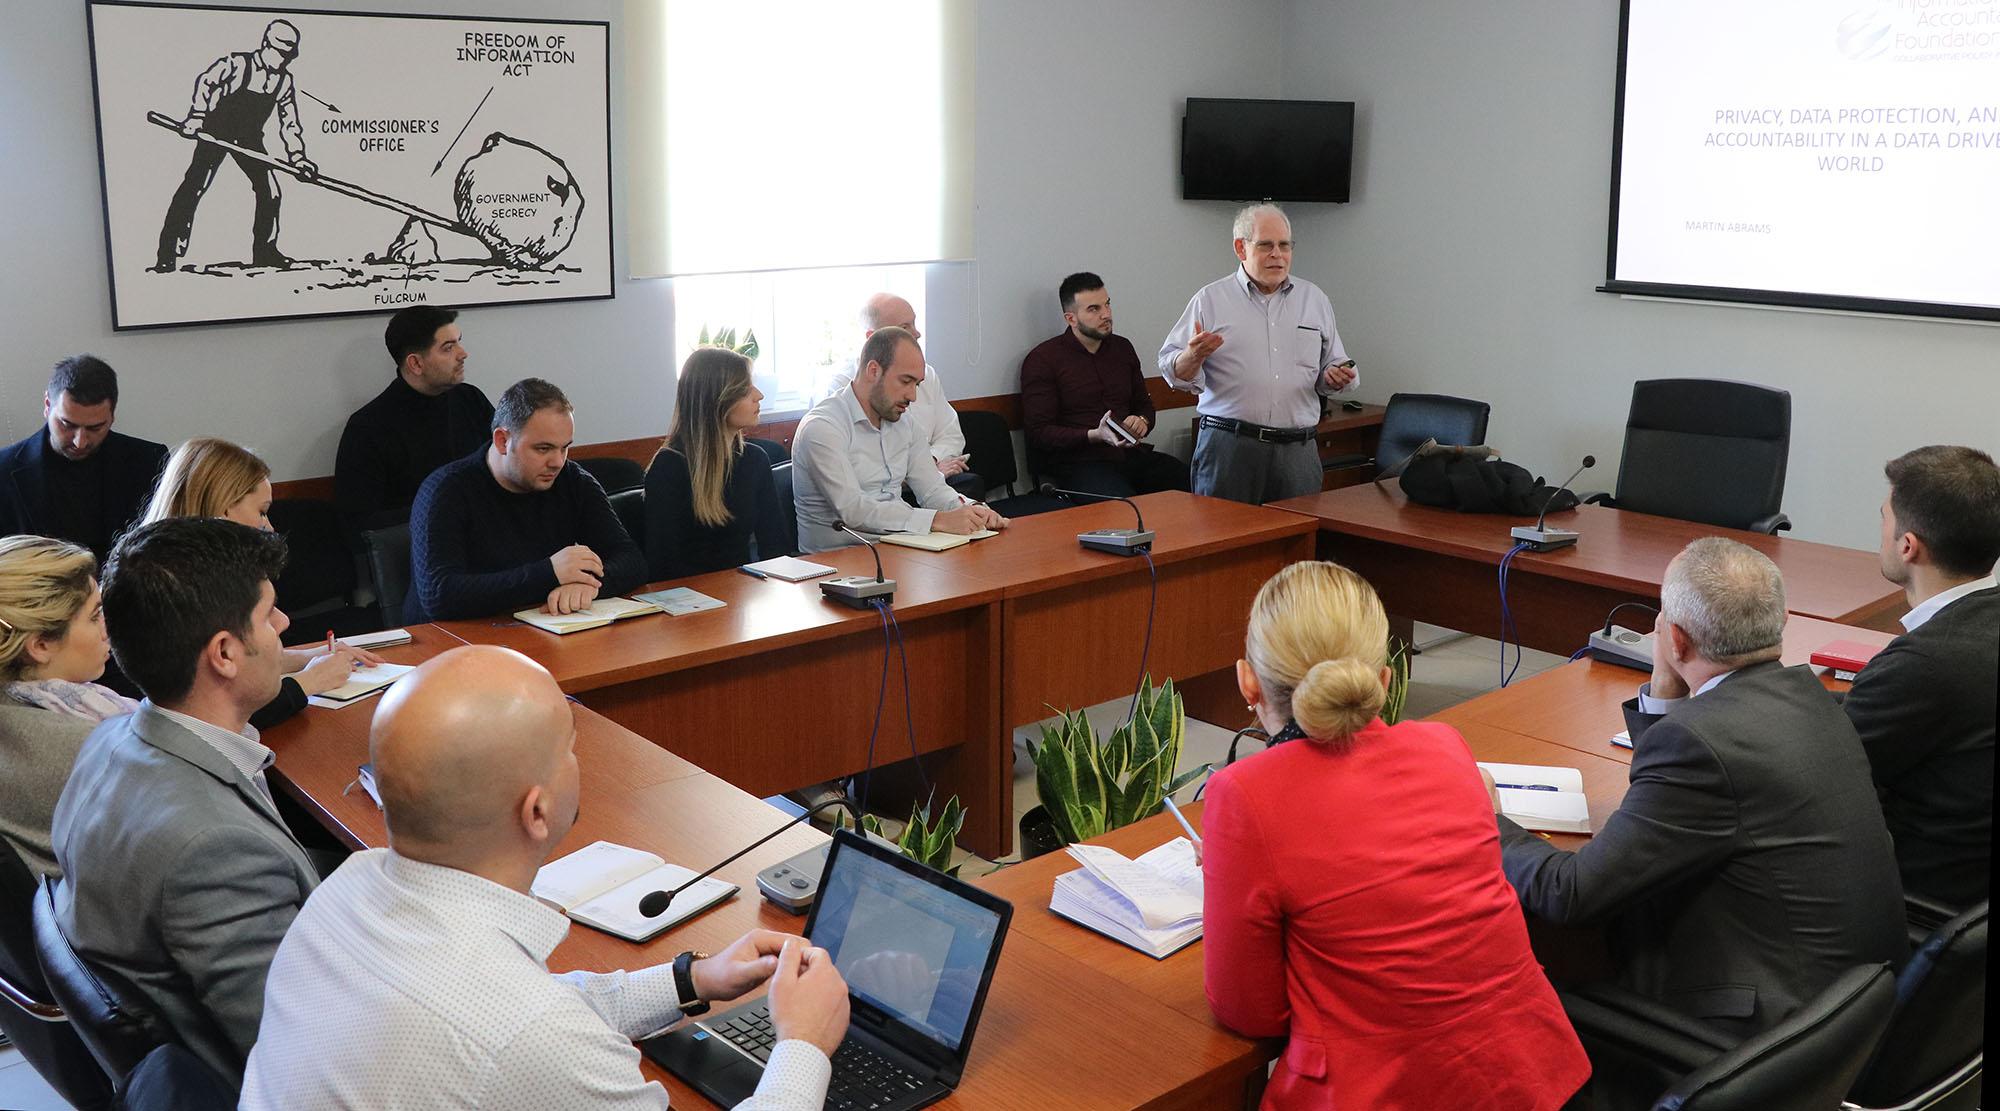 IDP staff training